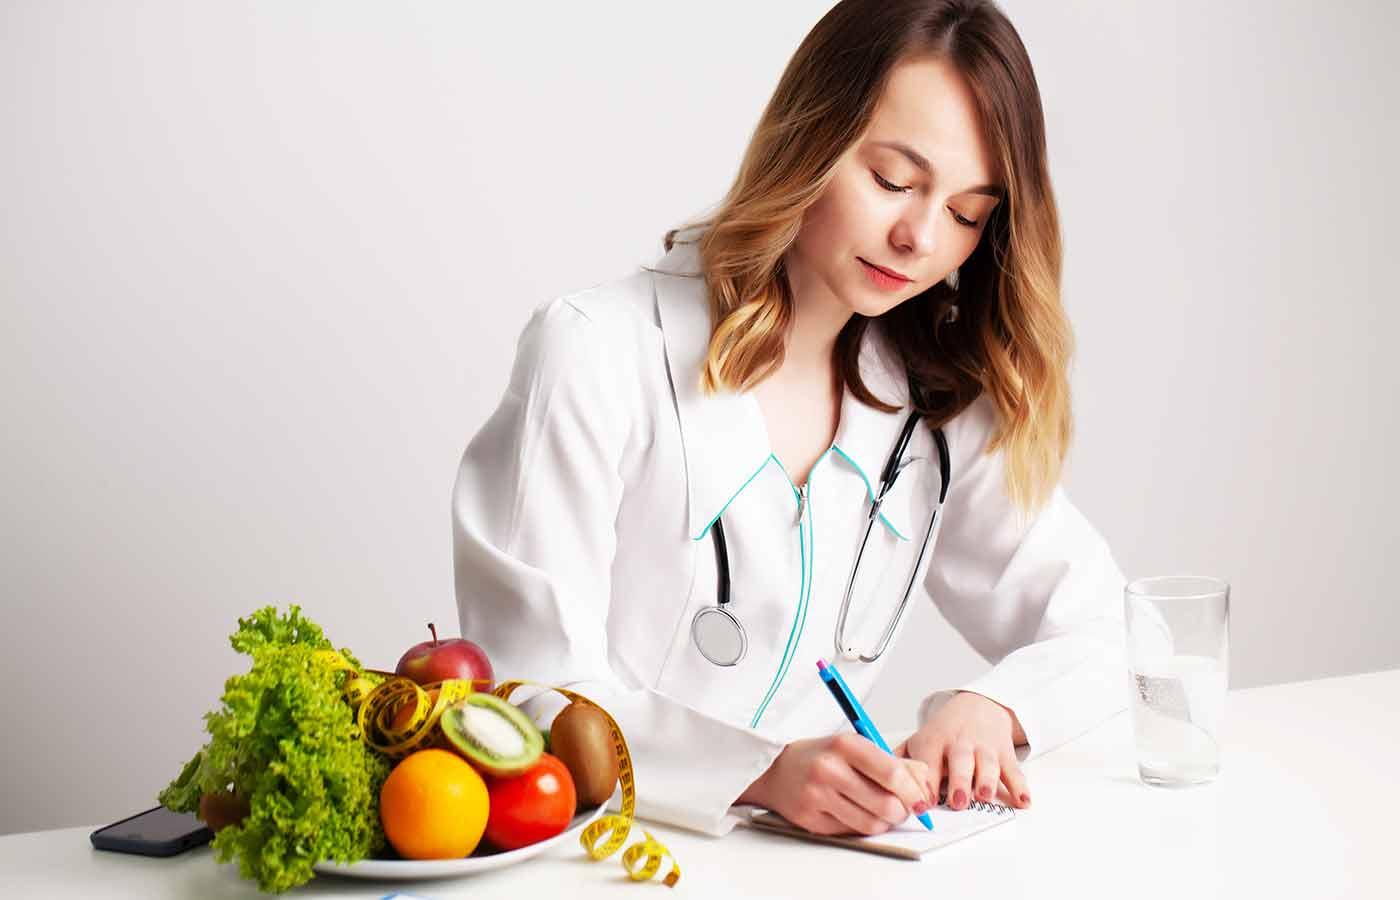 Nutricionista apostando por una dieta paleo o dieta paleolítica